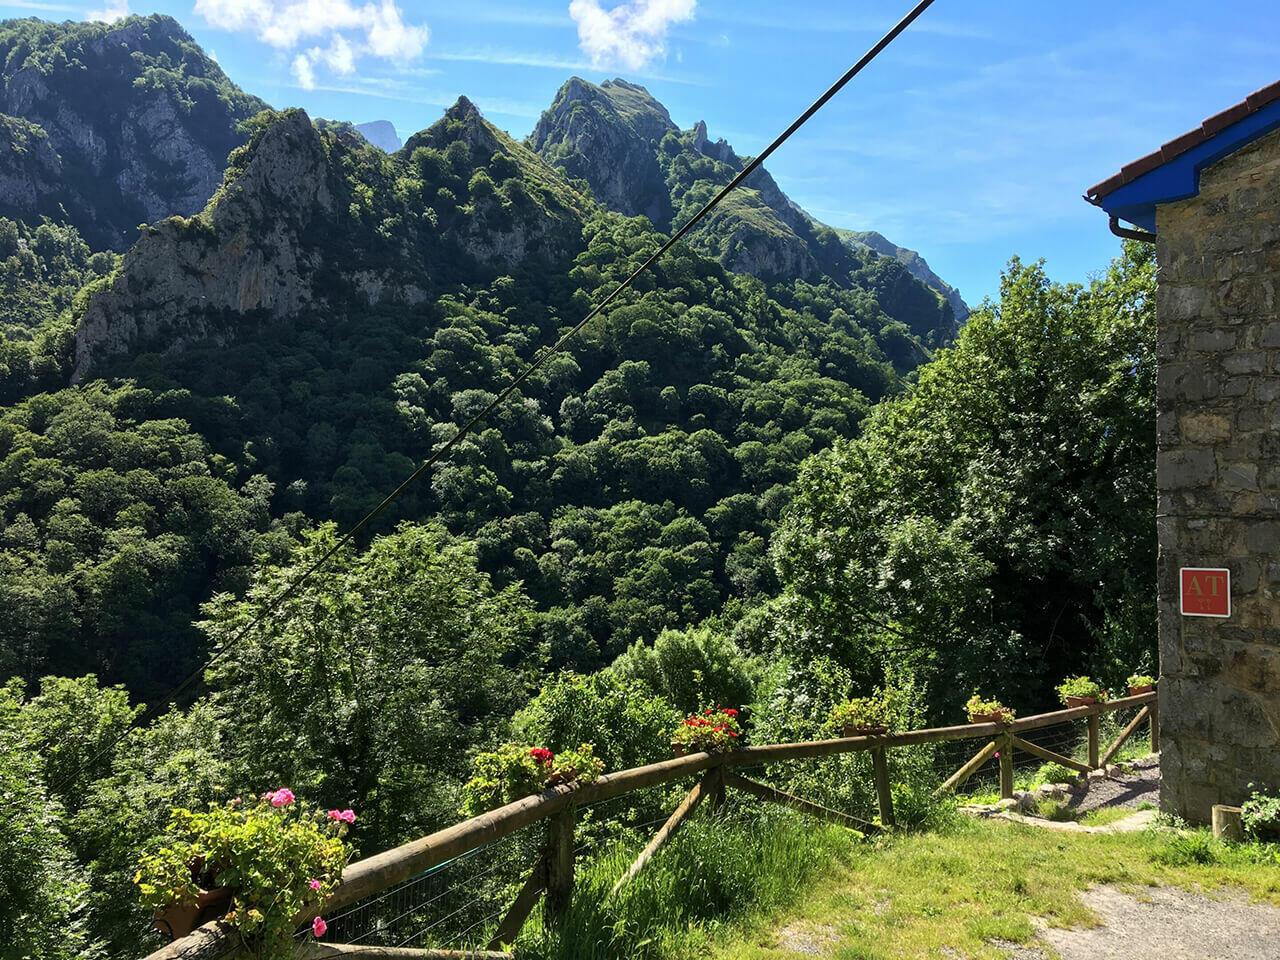 Alojamientos rurales en Asturias. Casa rural en el bosque